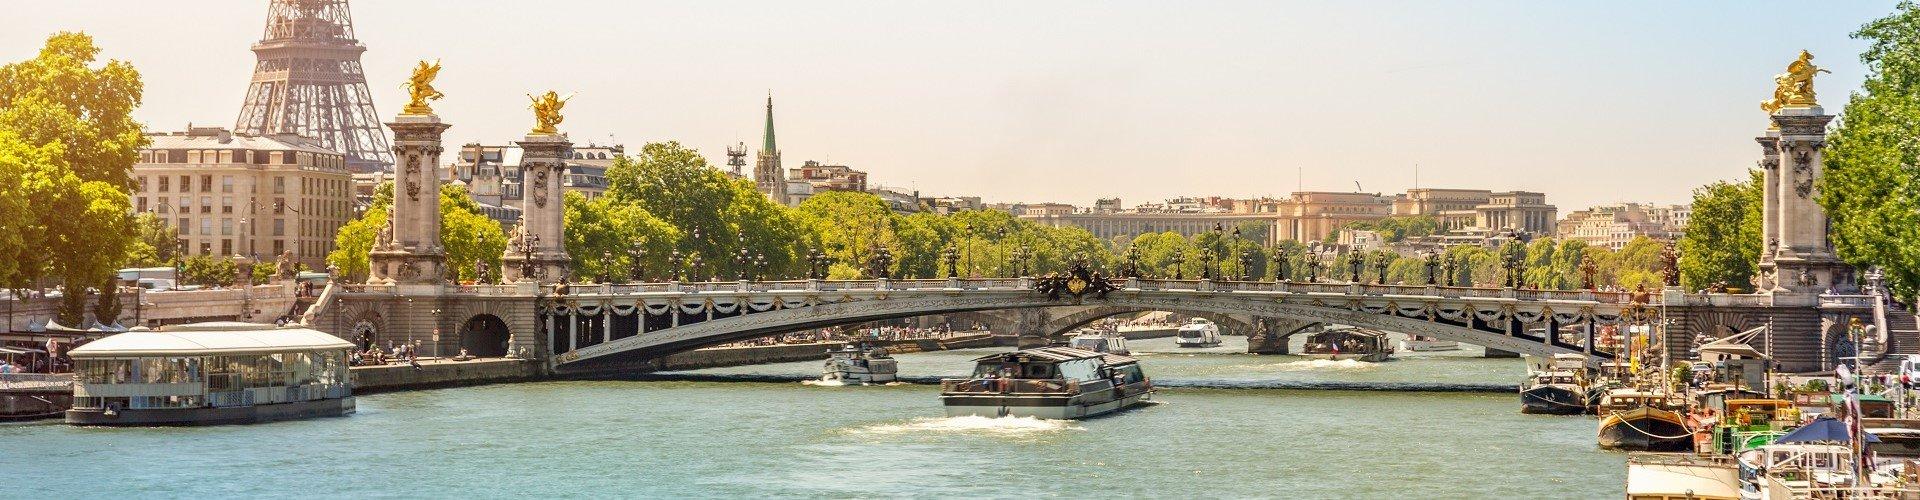 Familienurlaub in Paris